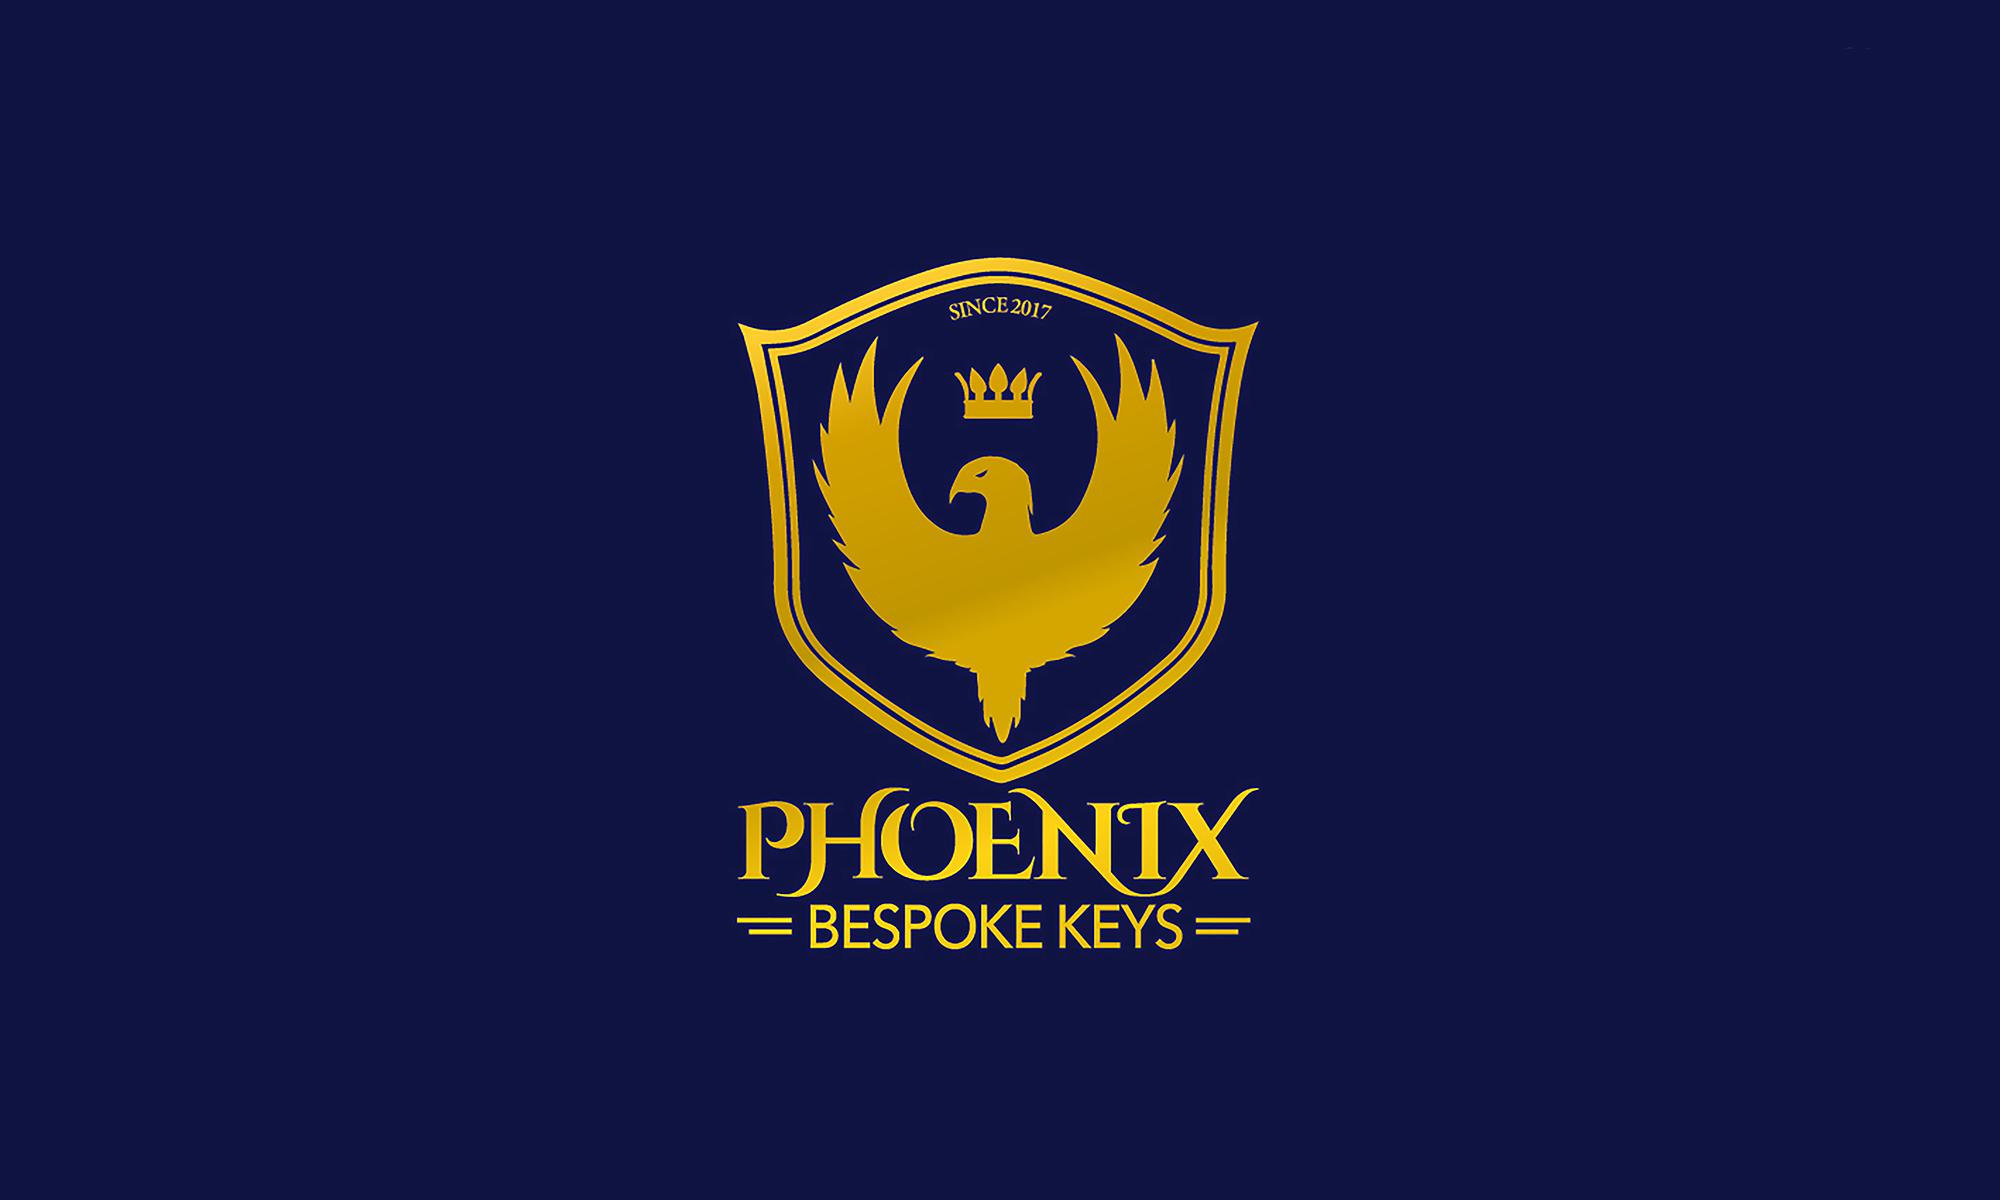 Phoenix Bespoke Keys